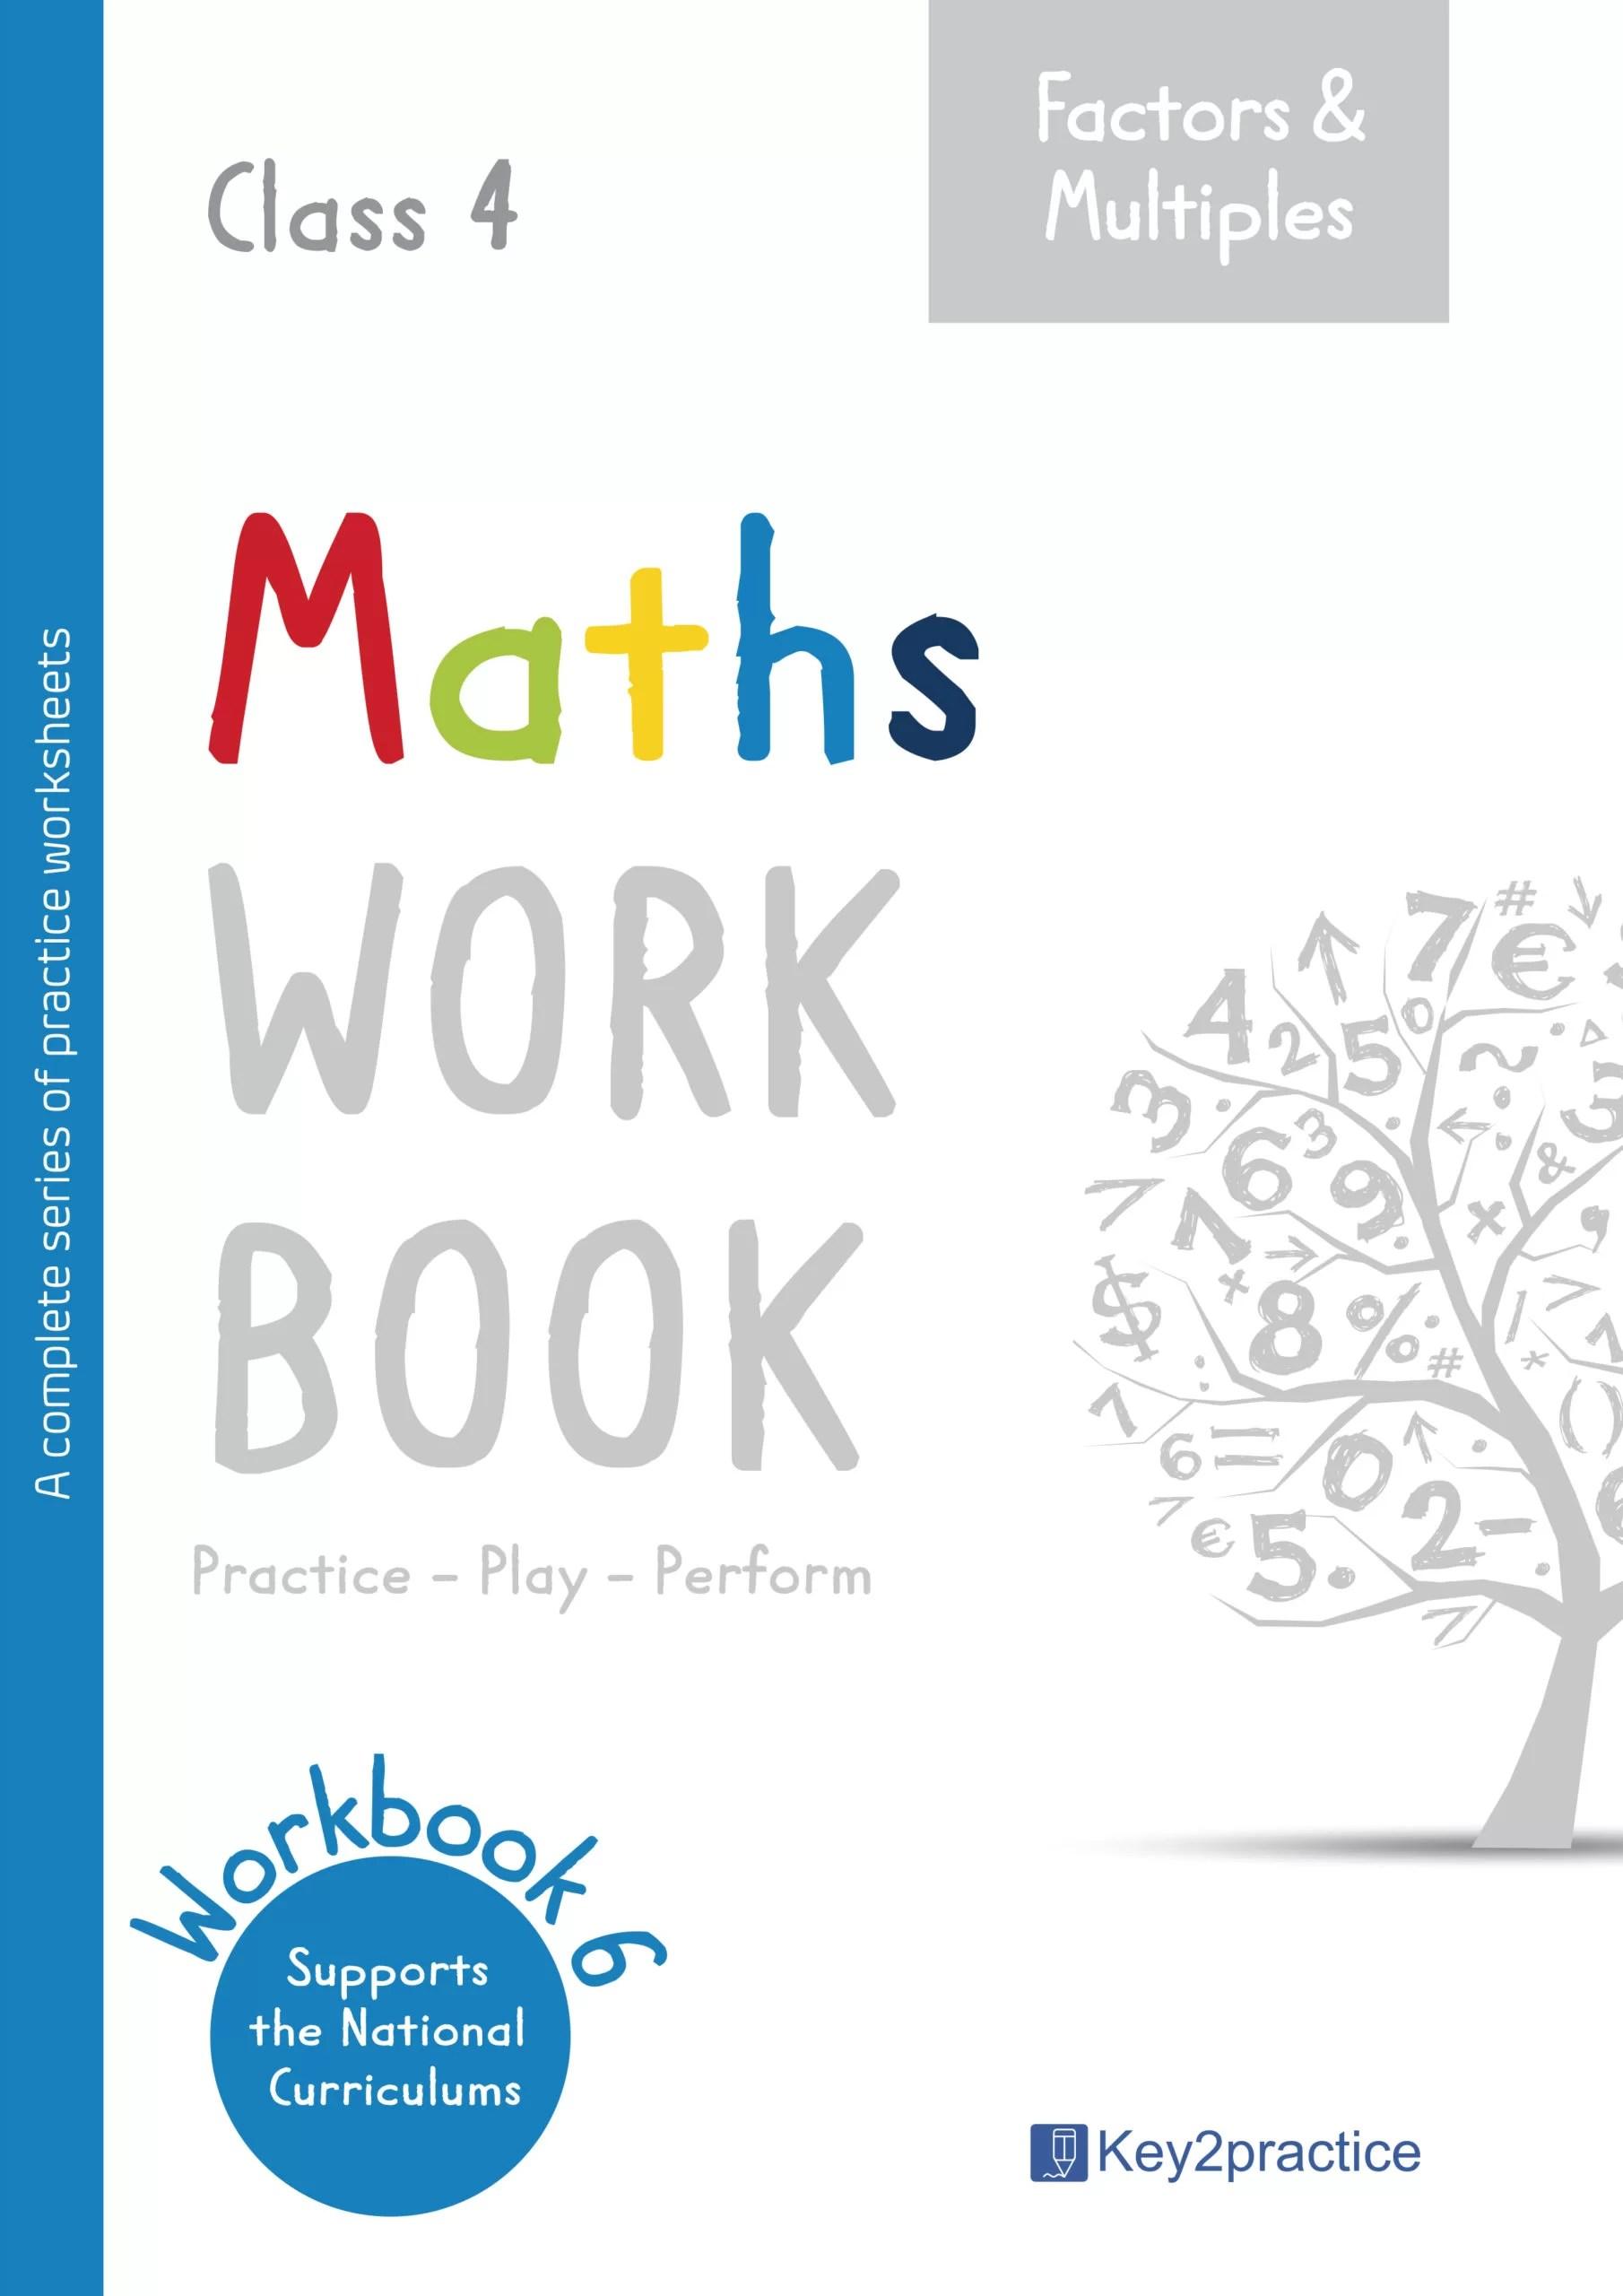 Maths Worksheets Grade 4 Factors Amp Multiples